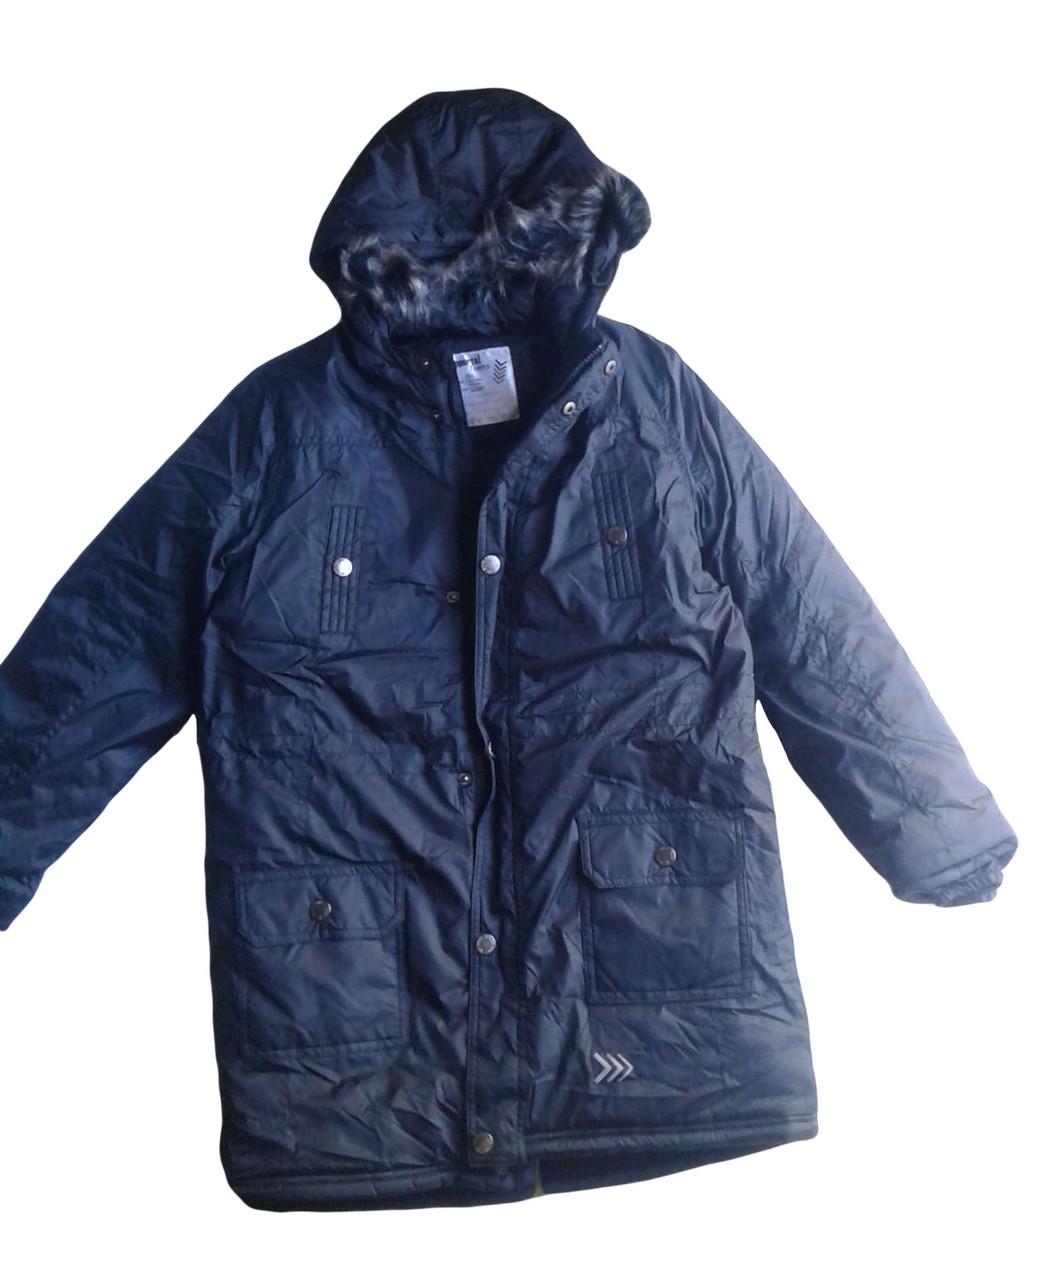 Куртка-пальто на флисе подростковая, Pepperts, размер 152, арт. Л-420